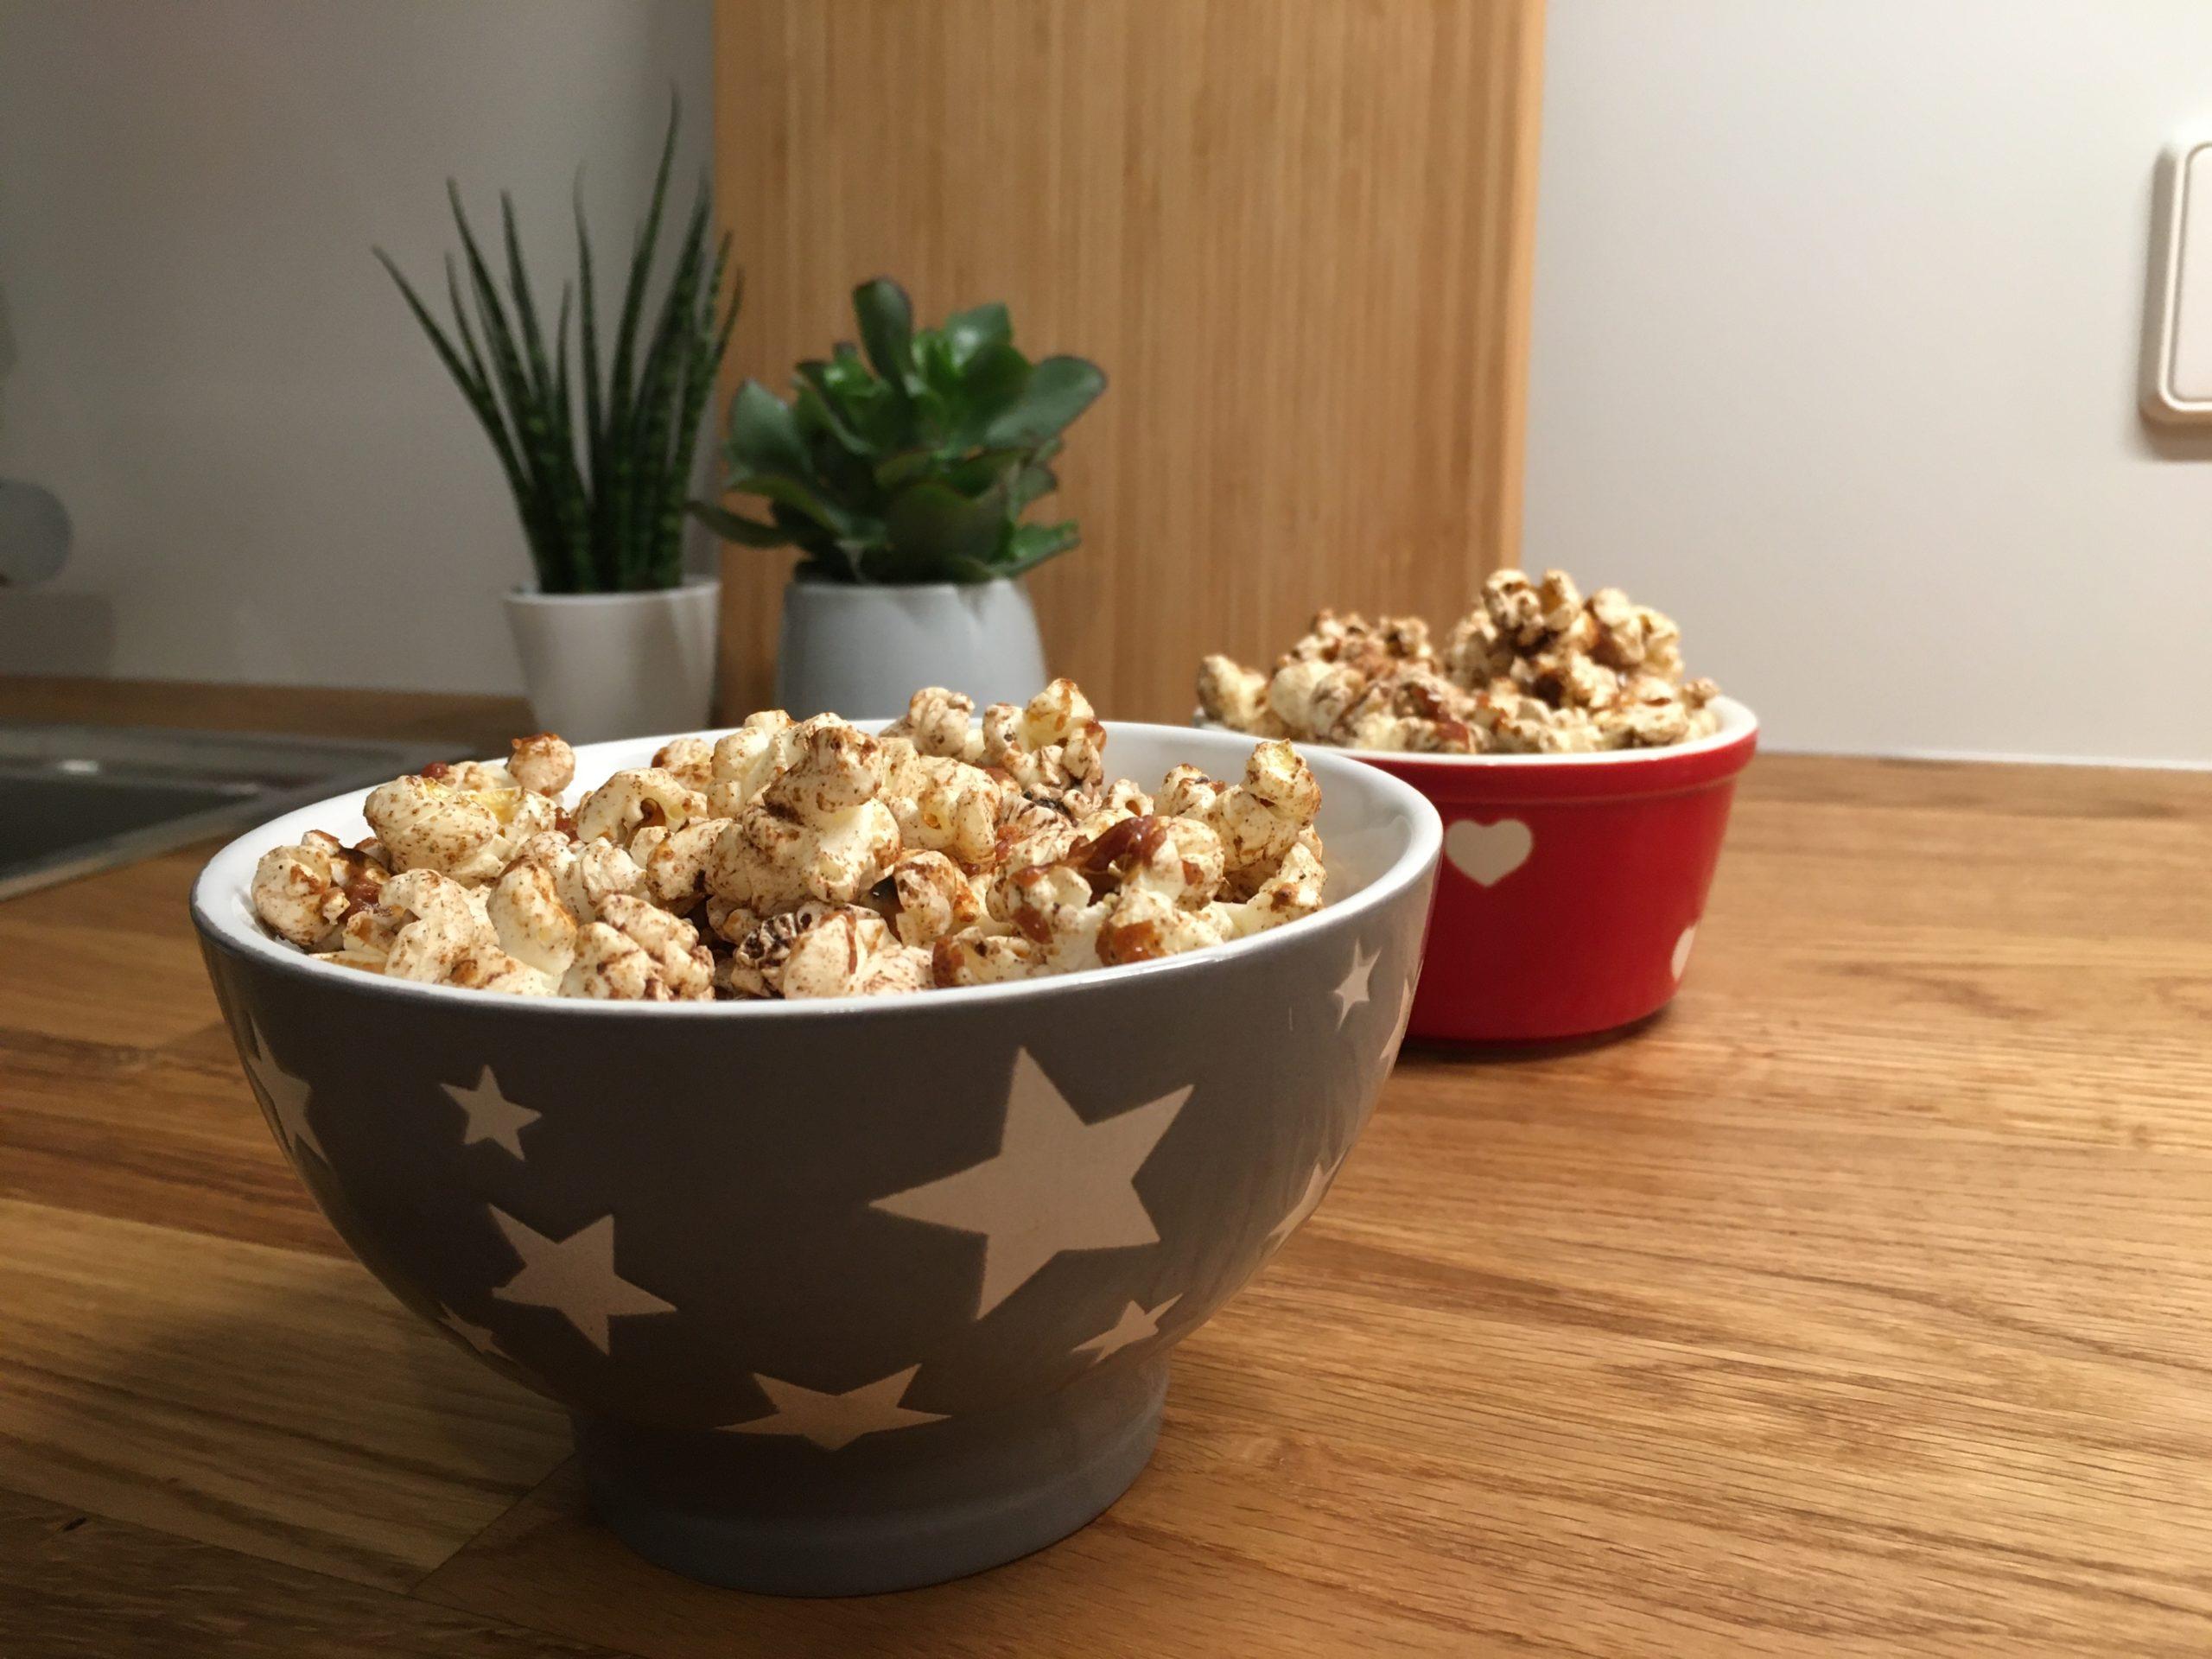 Schalen mit Popcorn schön auf Holzplatte angerichtet